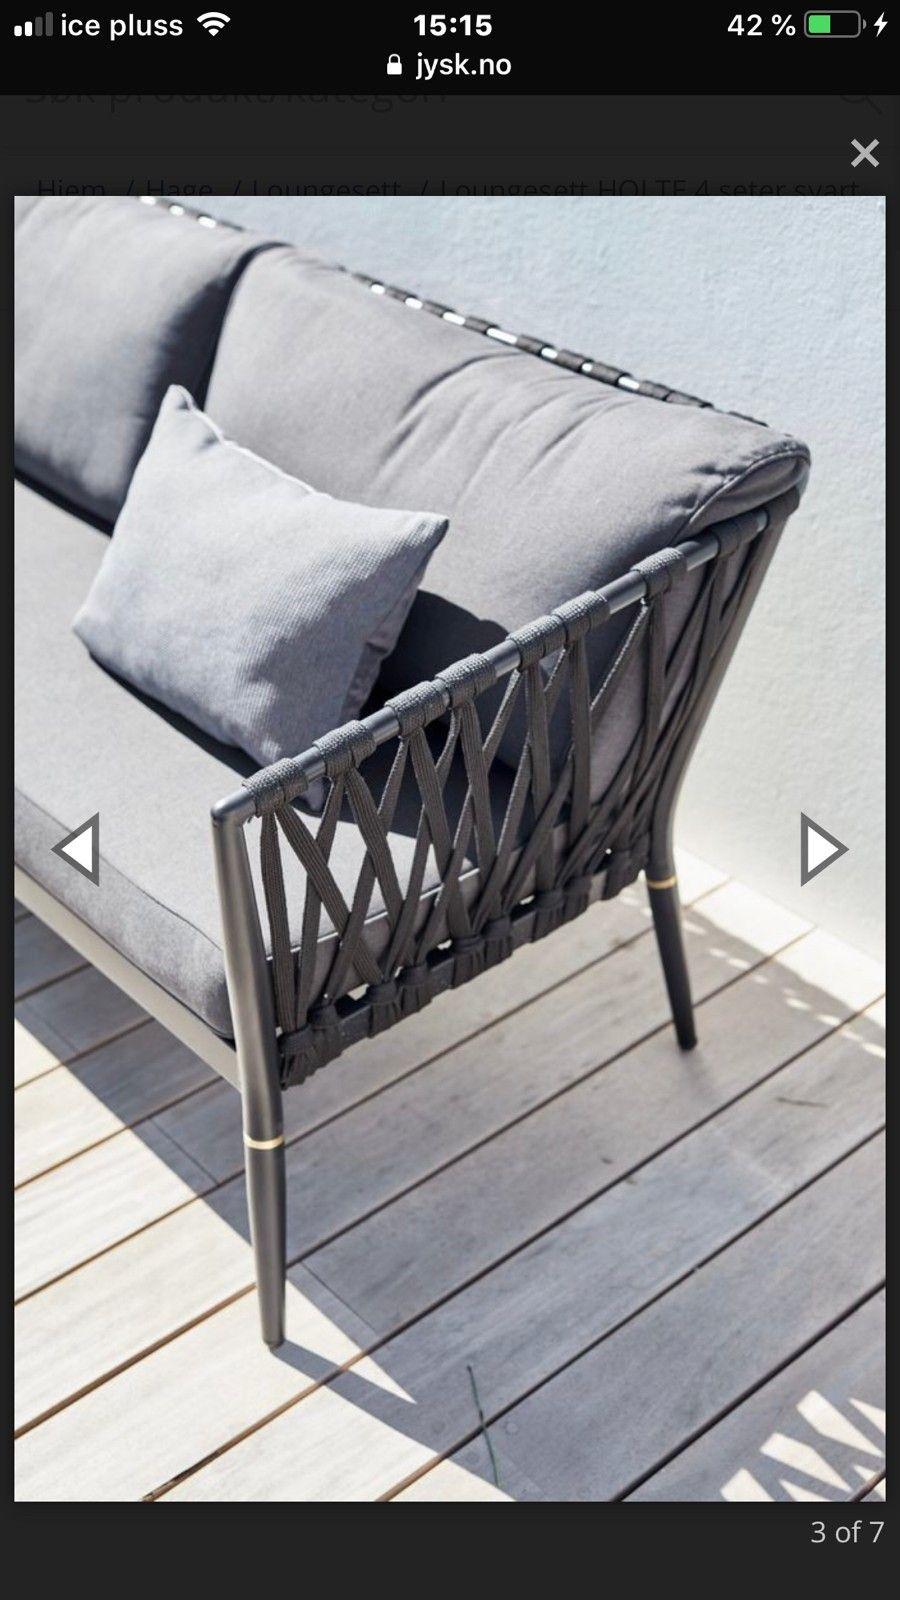 Alle nye Hage møbler, holte fra jysk | FINN.no DS-67